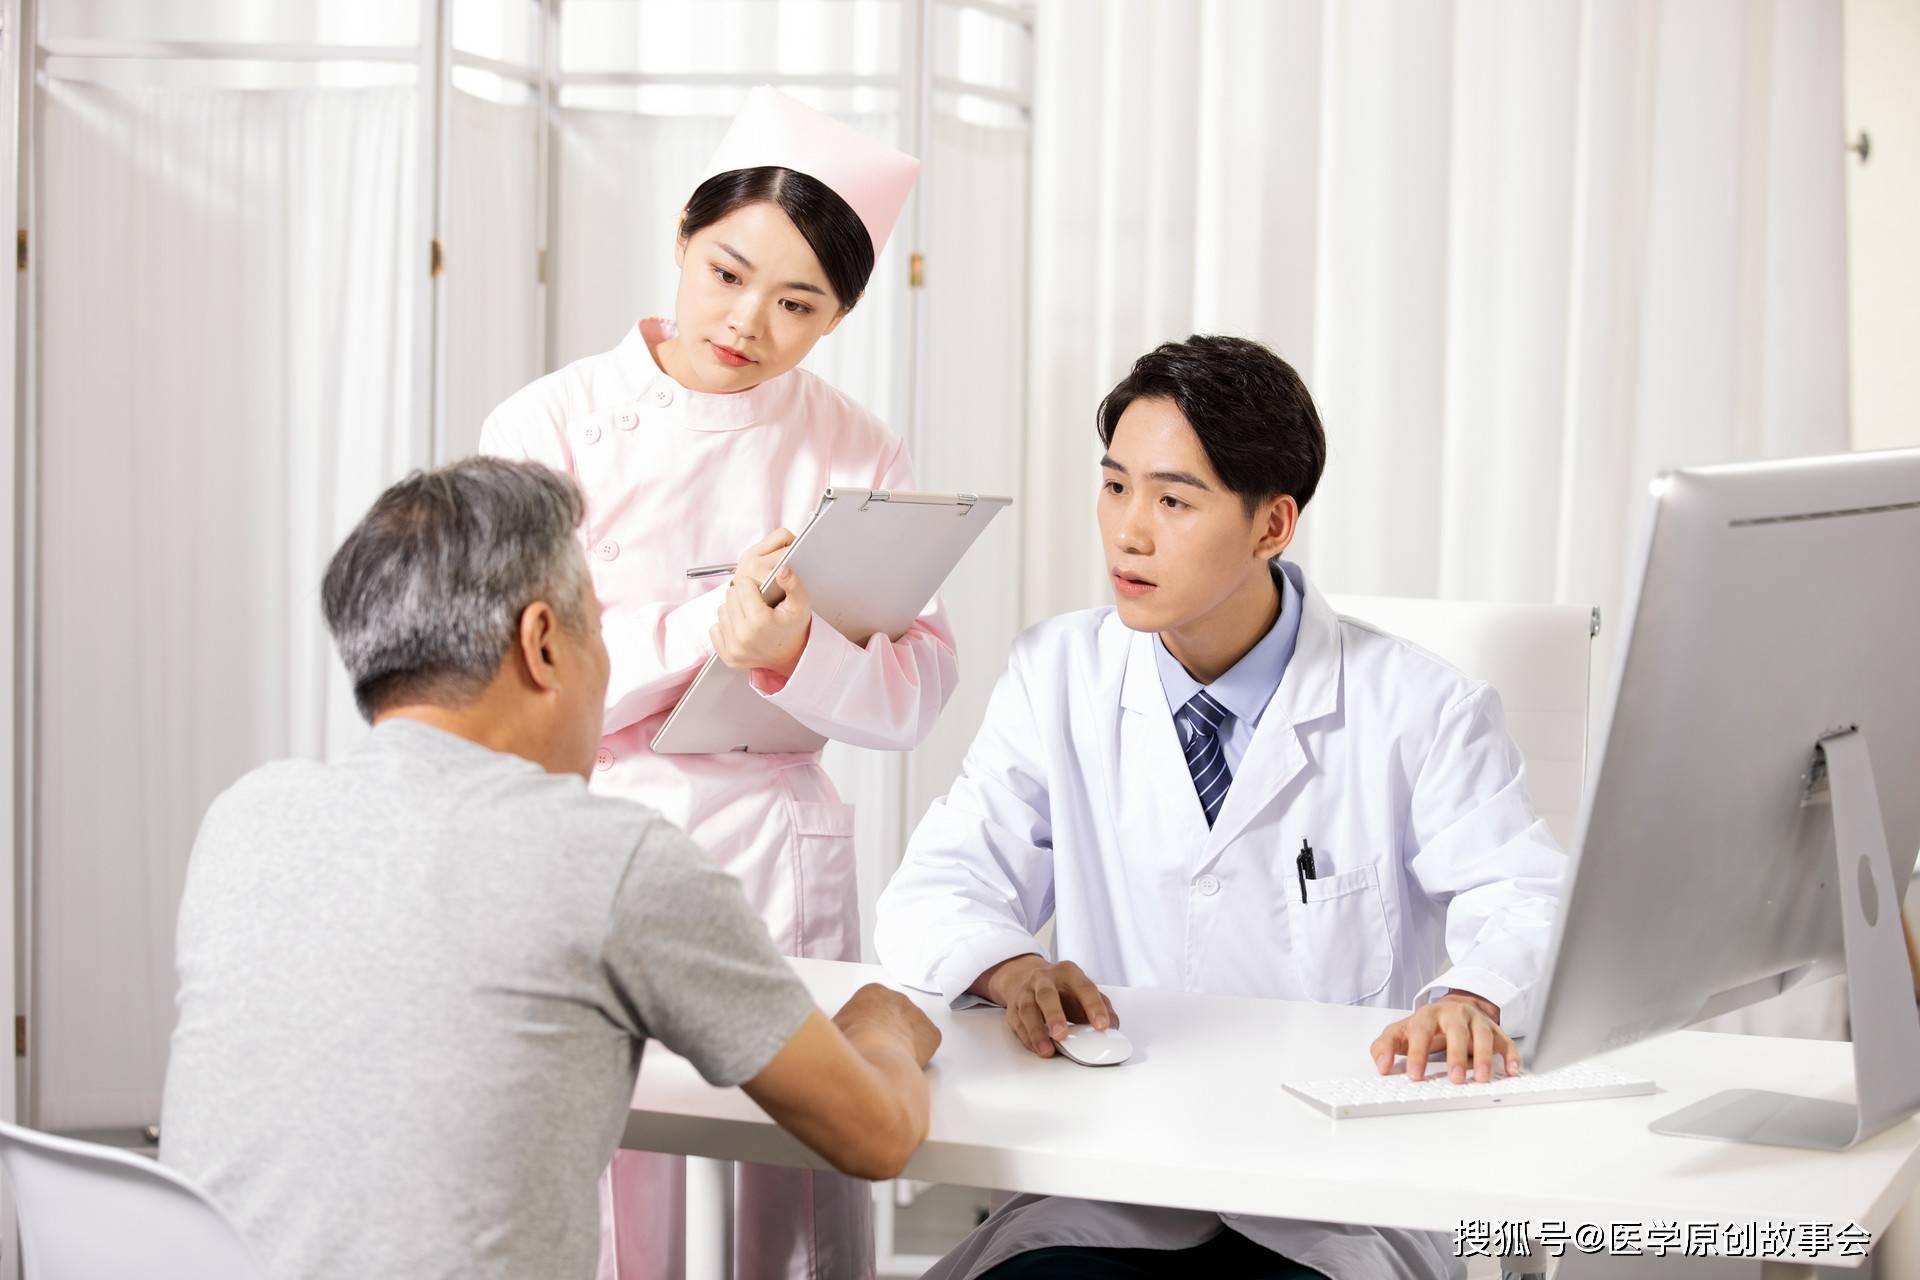 原创体检不做三个检查,得了癌症都不知道,遗憾的是,很多人都漏掉了